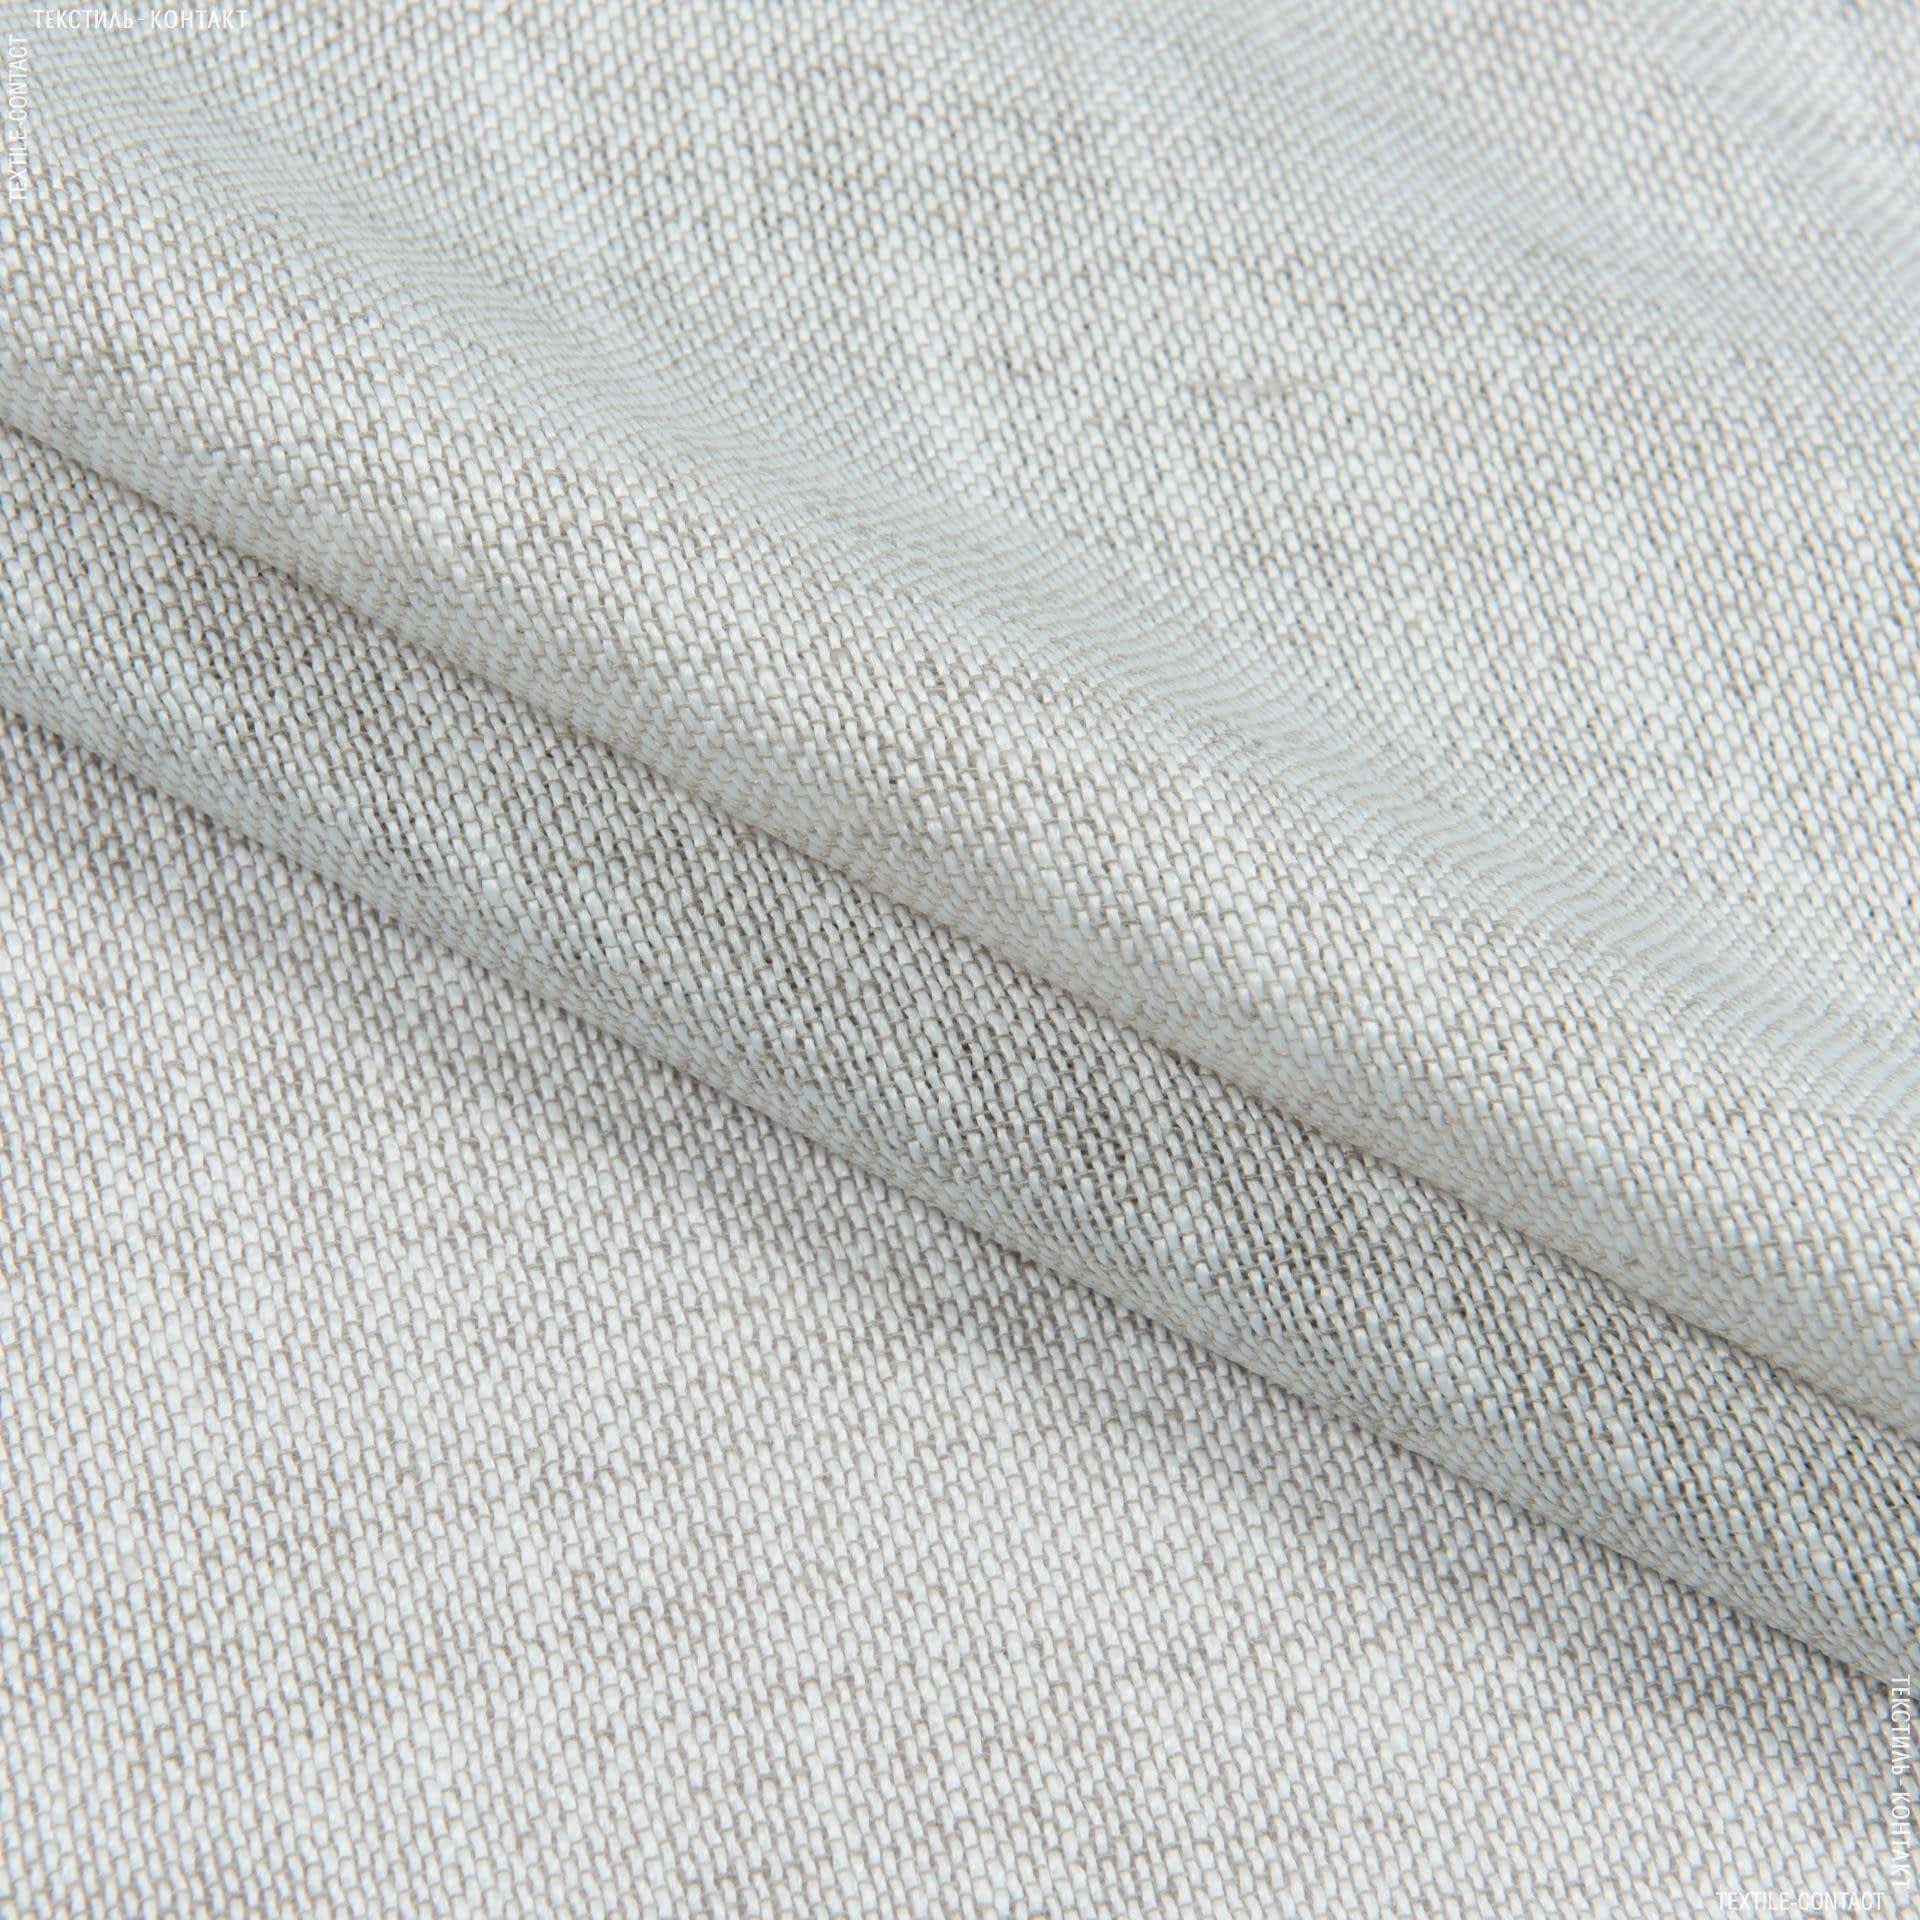 Ткани портьерные ткани - Декоративная ткань СИВАРА св.серый/беж